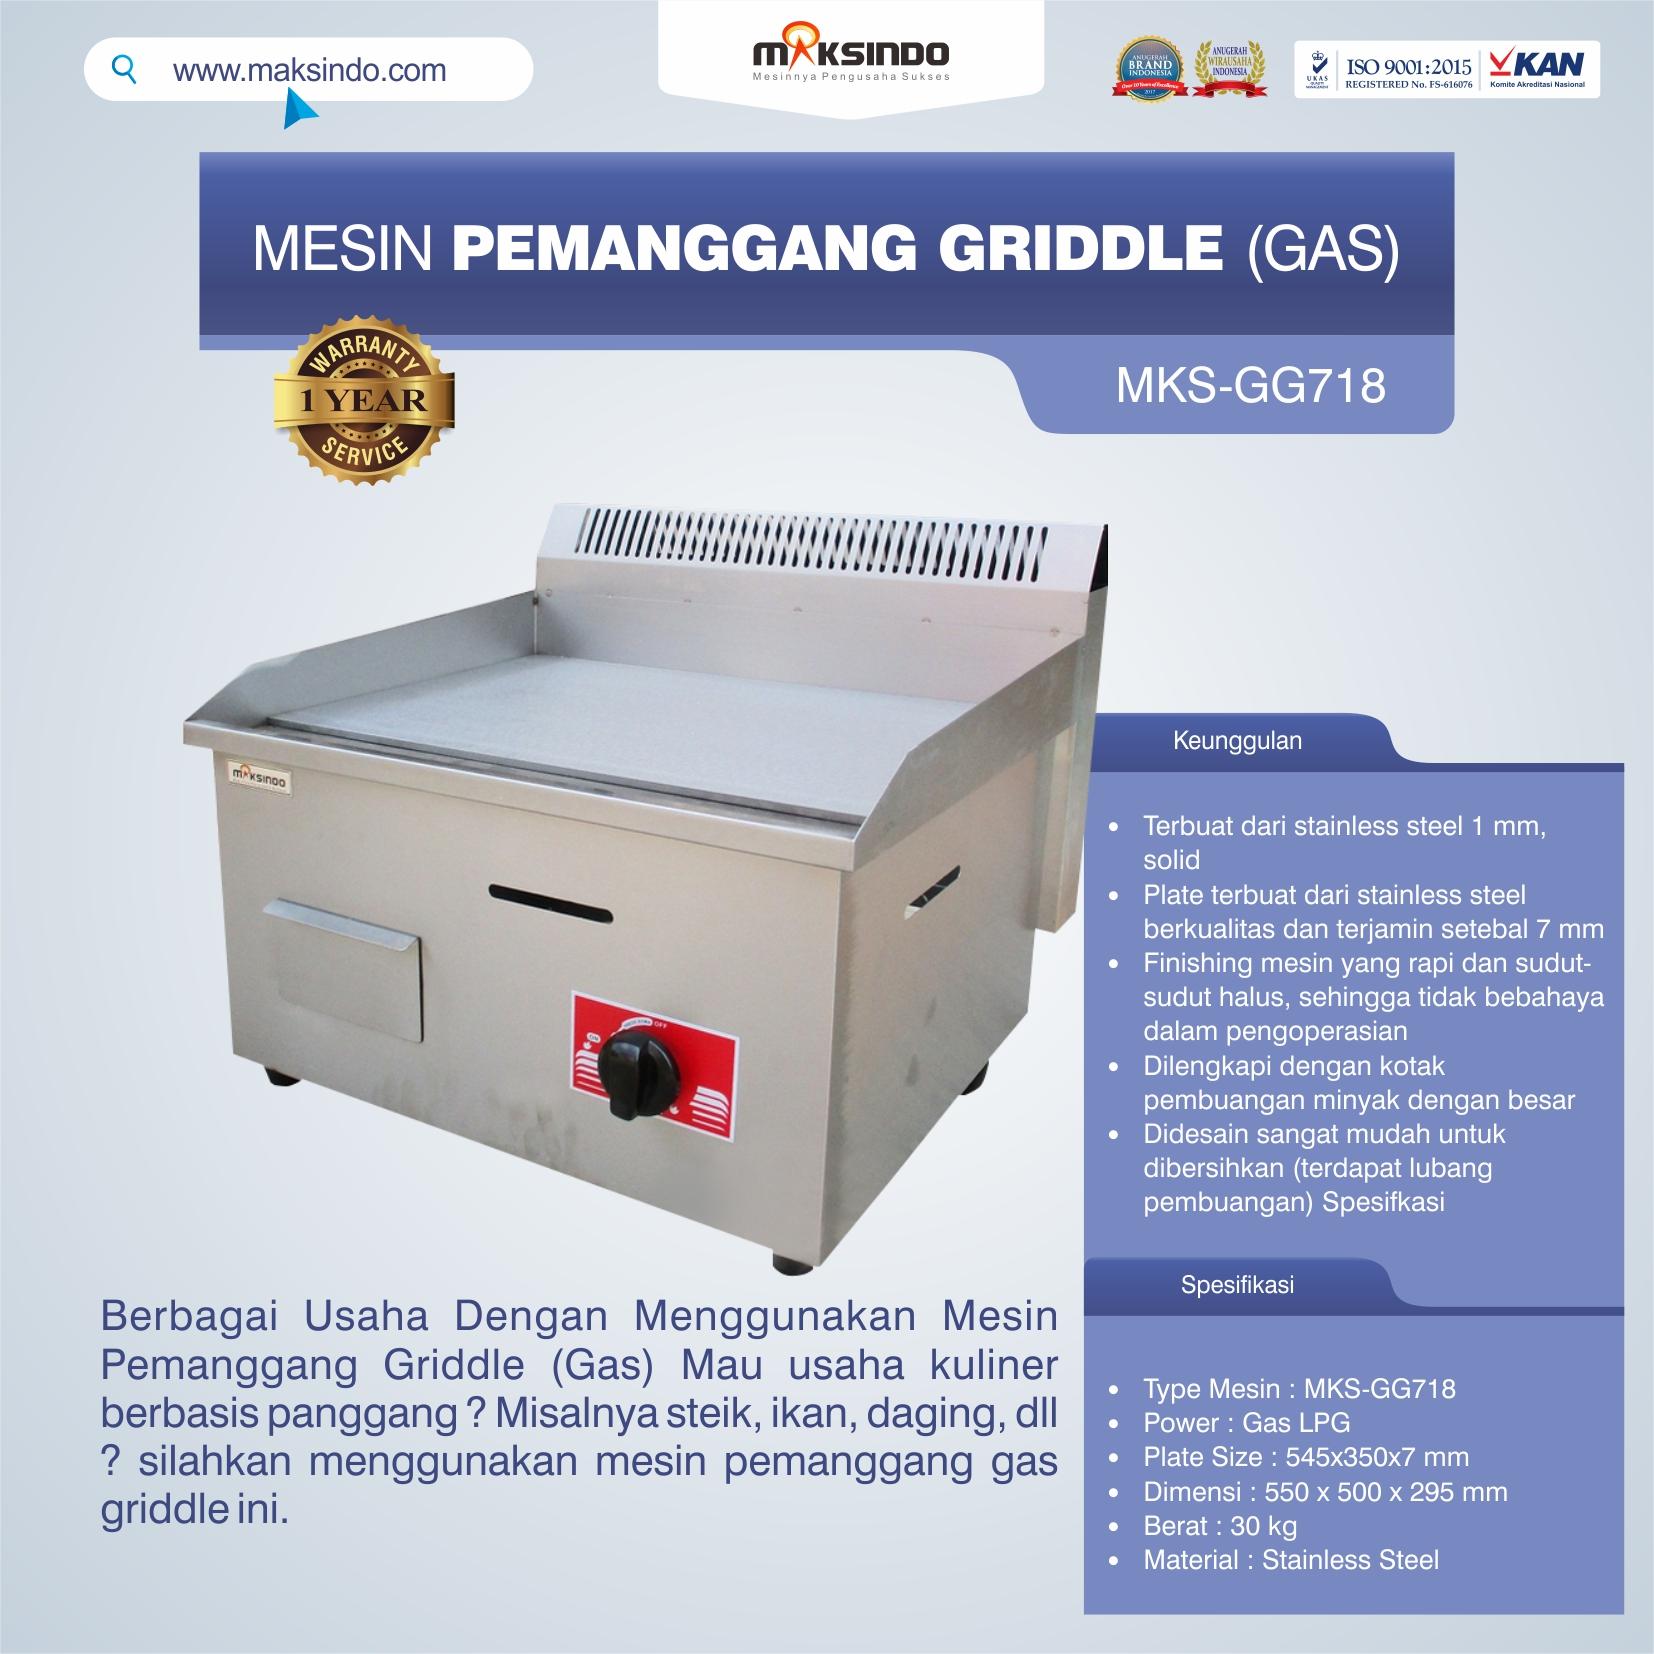 Jual Mesin Pemanggang Griddle (GAS) – GG718 di Pekanbaru